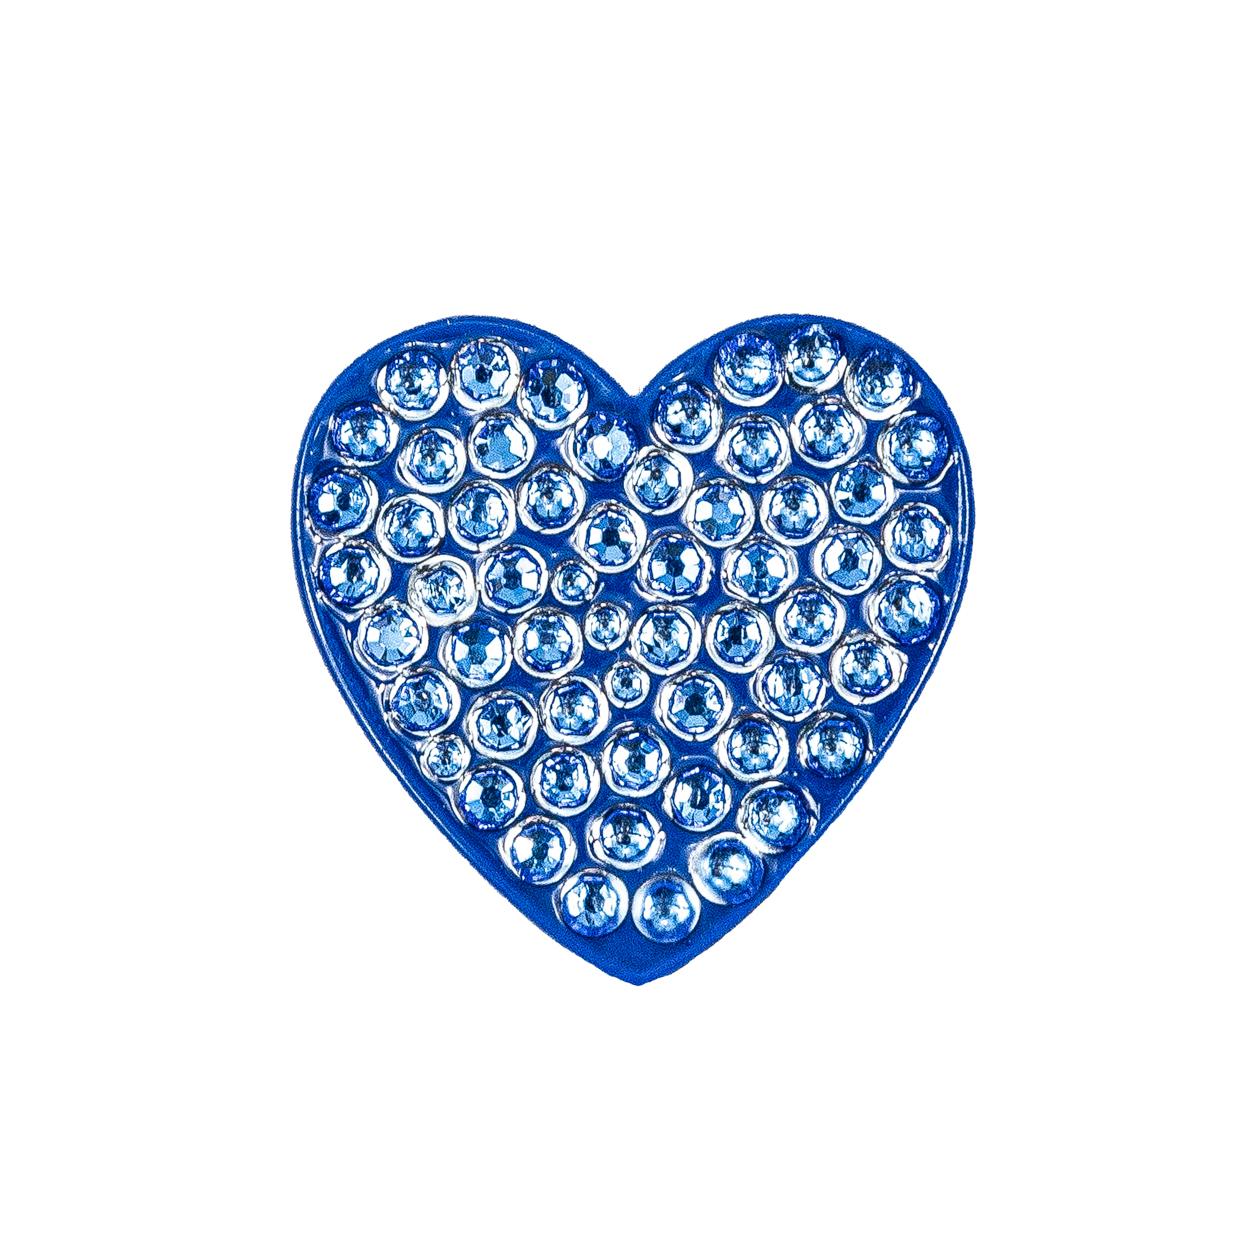 26. Heart Blue